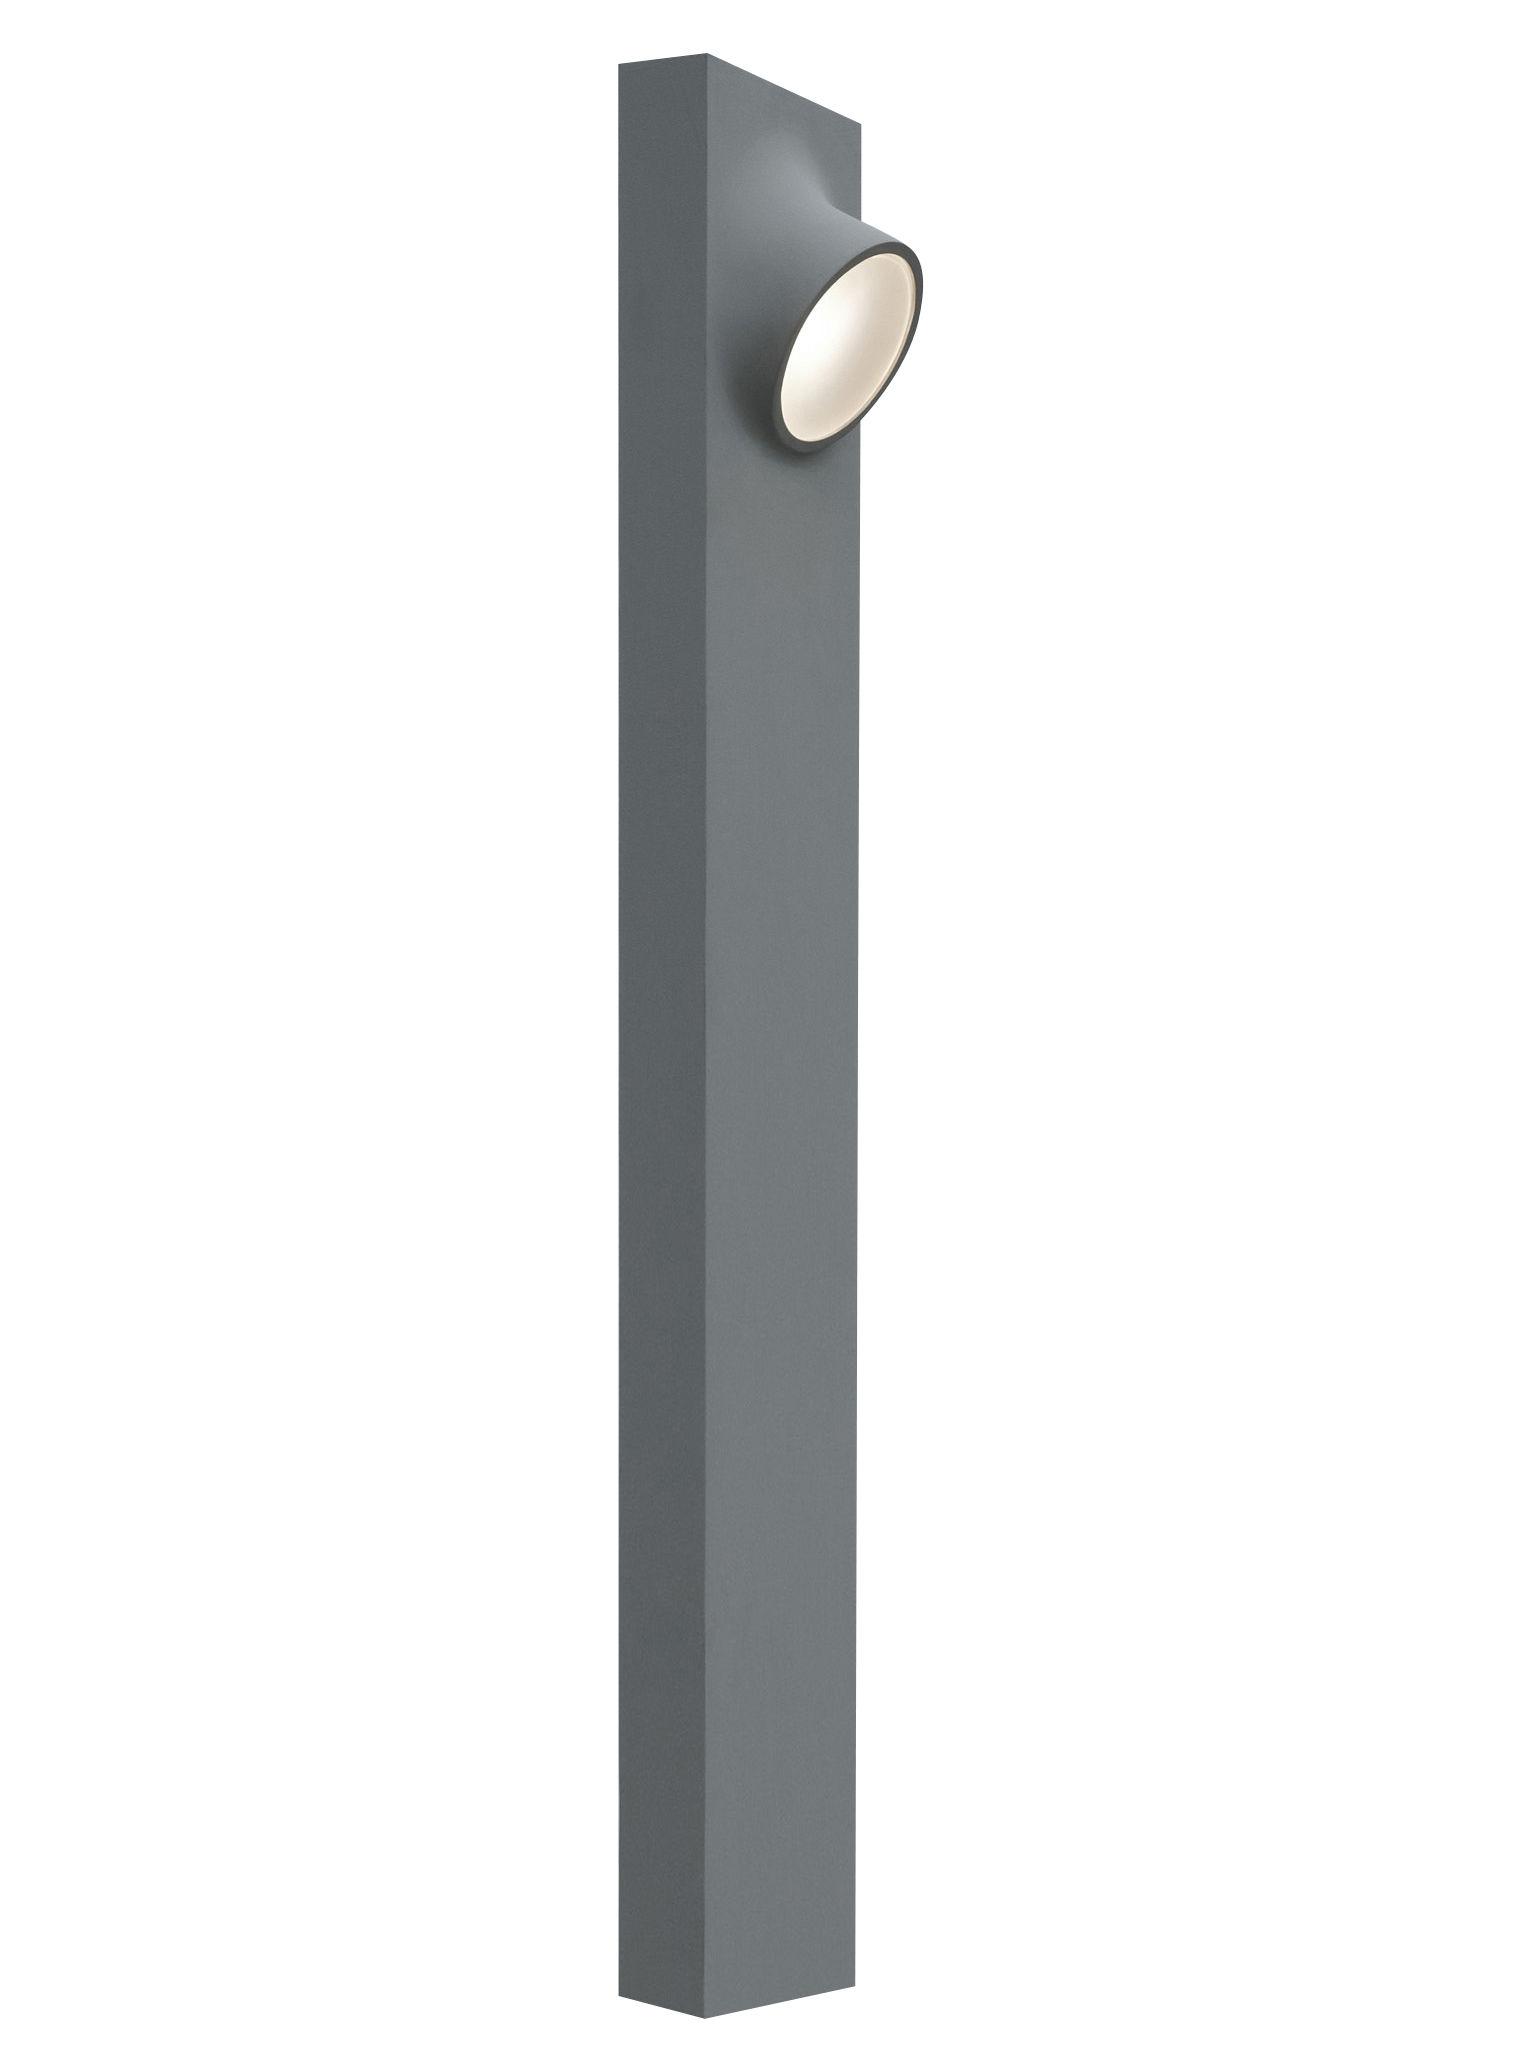 Lampadaire Ciclope Double LED extérieur H 90 cm Gris H 90 cm Artemide